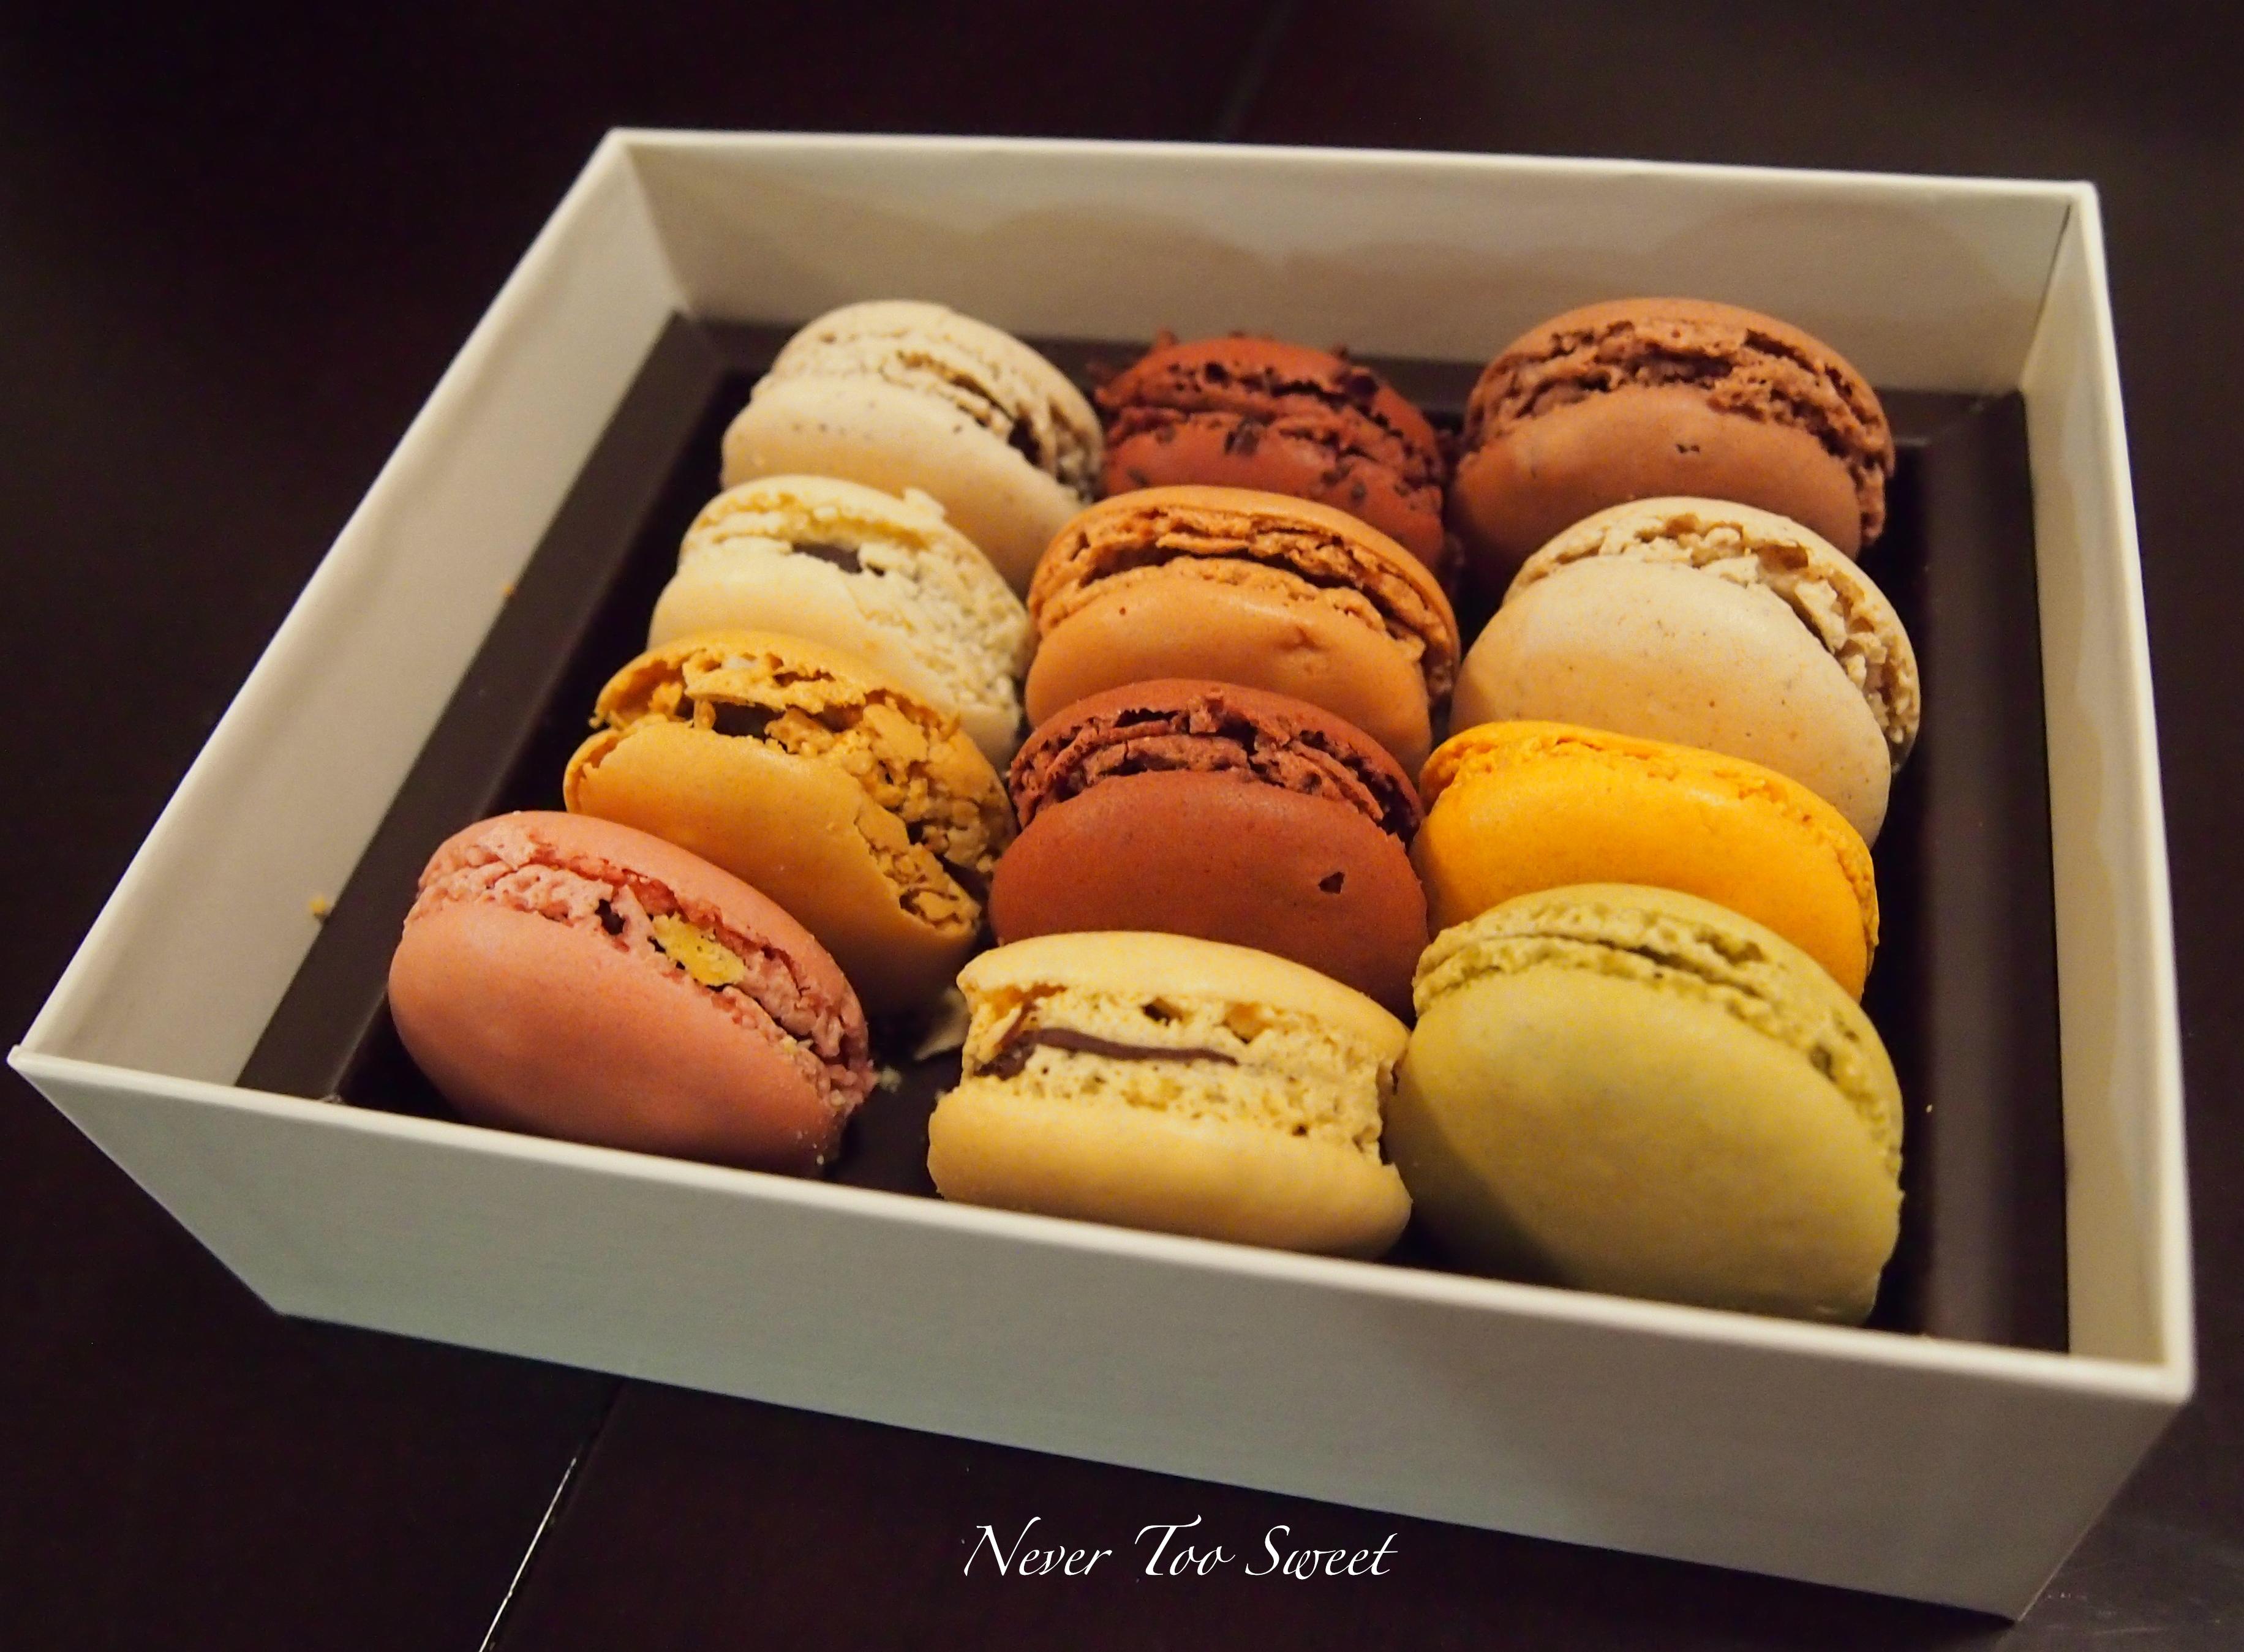 La Maison Du Chocolat Brest Valdiz Source My Review Of The Macarons